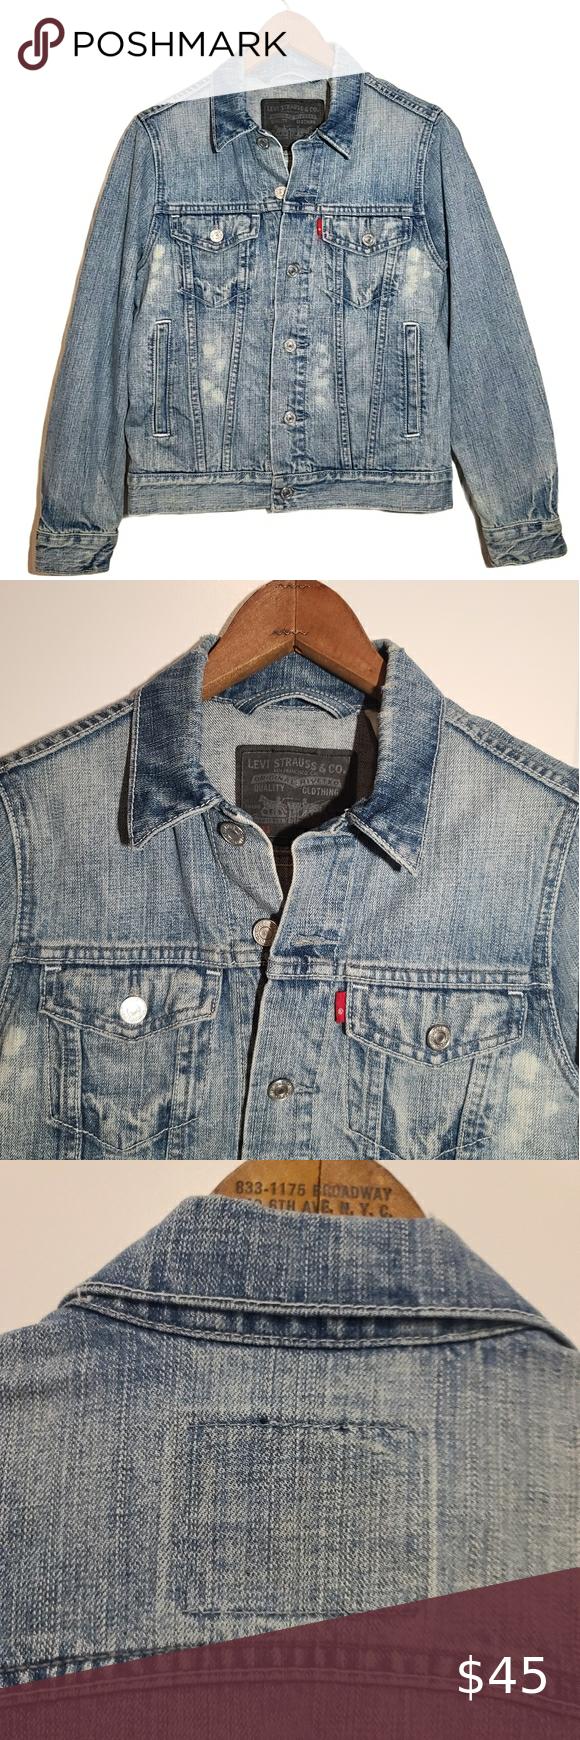 Levi S Jean Jacket 57511 Denim Trucker Size M Light Denim Jacket Light Wash Denim Jacket Denim Jacket Women [ 1740 x 580 Pixel ]